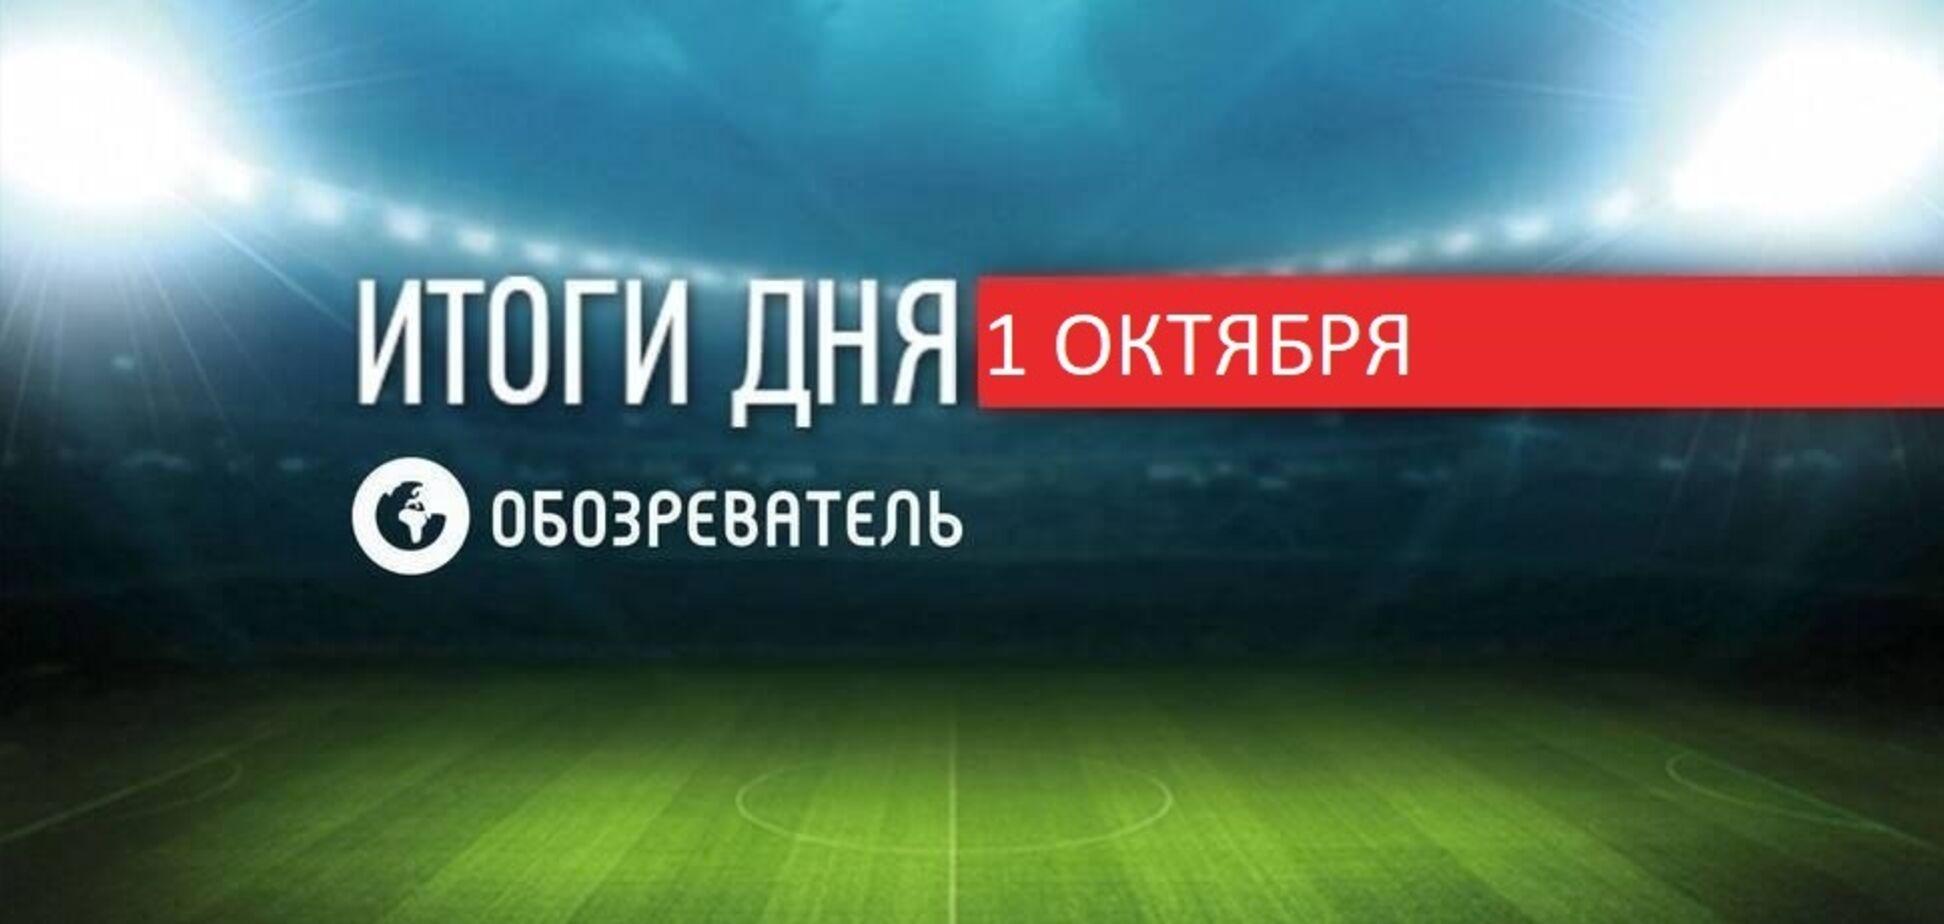 'Динамо' і 'Шахтар' отримали 'Барселону' і 'Реал' у суперники в ЛЧ: підсумки спорту 1 жовтня